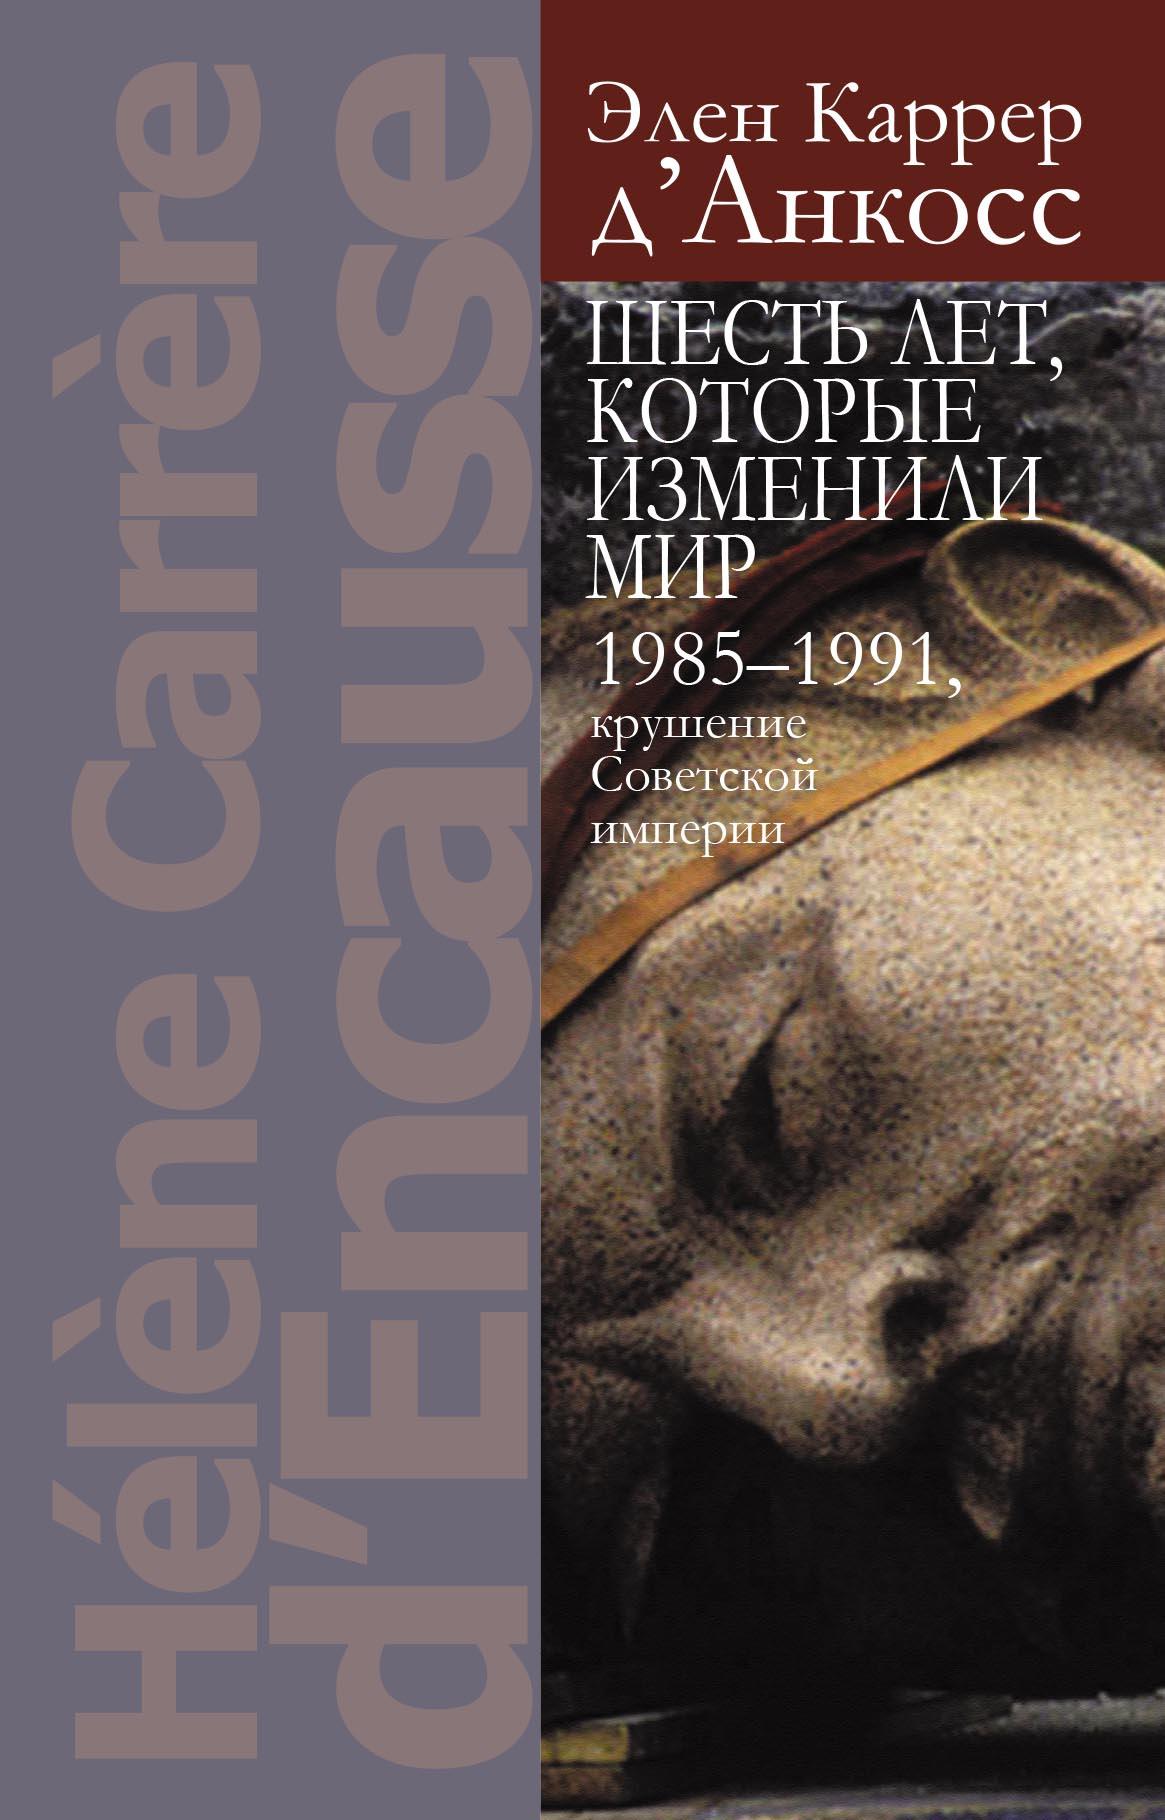 Элен Каррер д'Анкосс Шесть лет, которые изменили мир: 1985-1991, крушение Советской империи